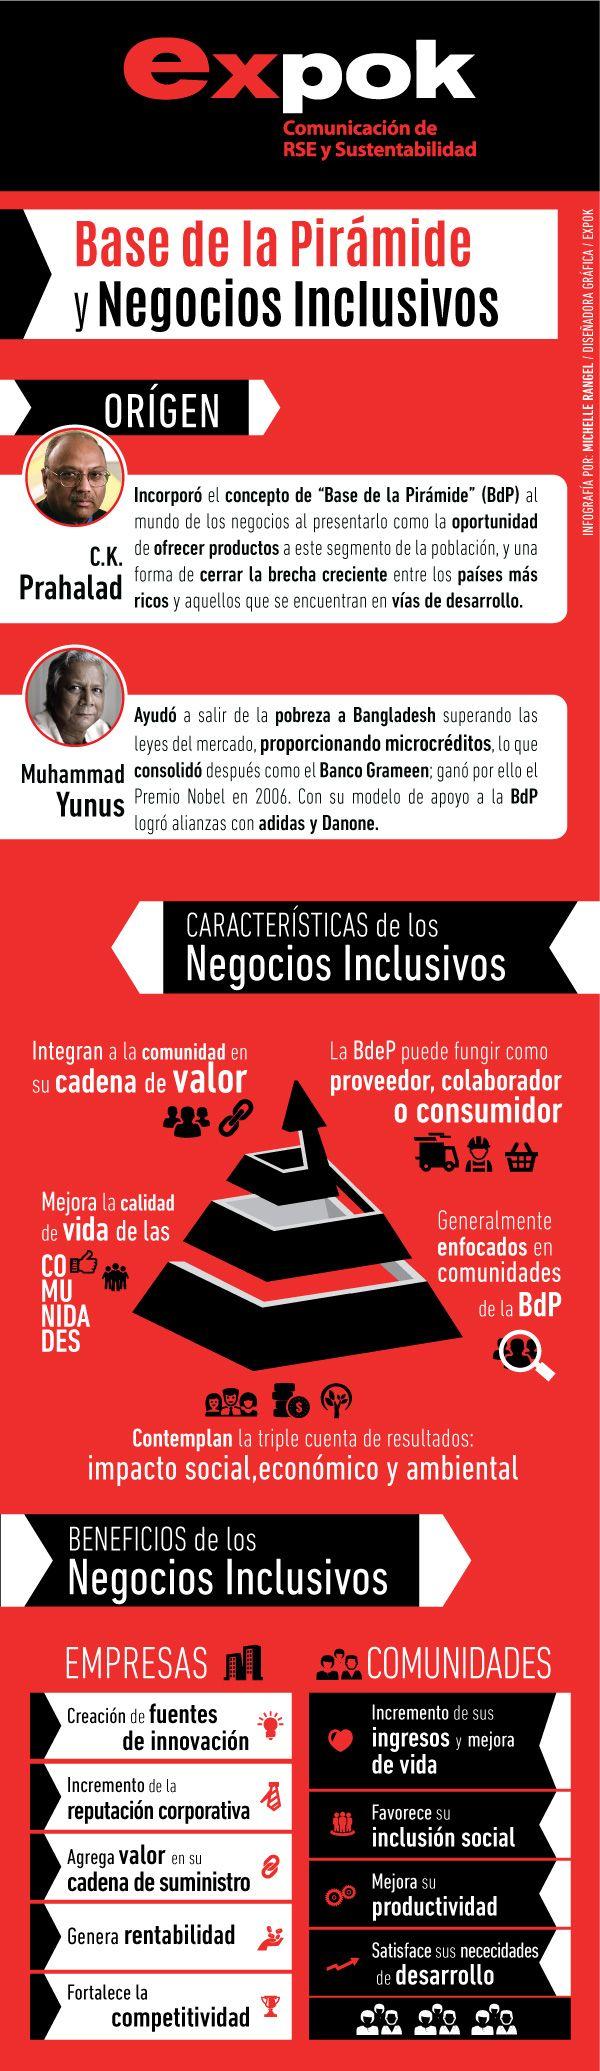 Qué son los negocios inclusivos y la base de la pirámide http://www.expoknews.com/2013/08/16/que-son-los-negocios-inclusivos-y-la-base-de-la-piramide/